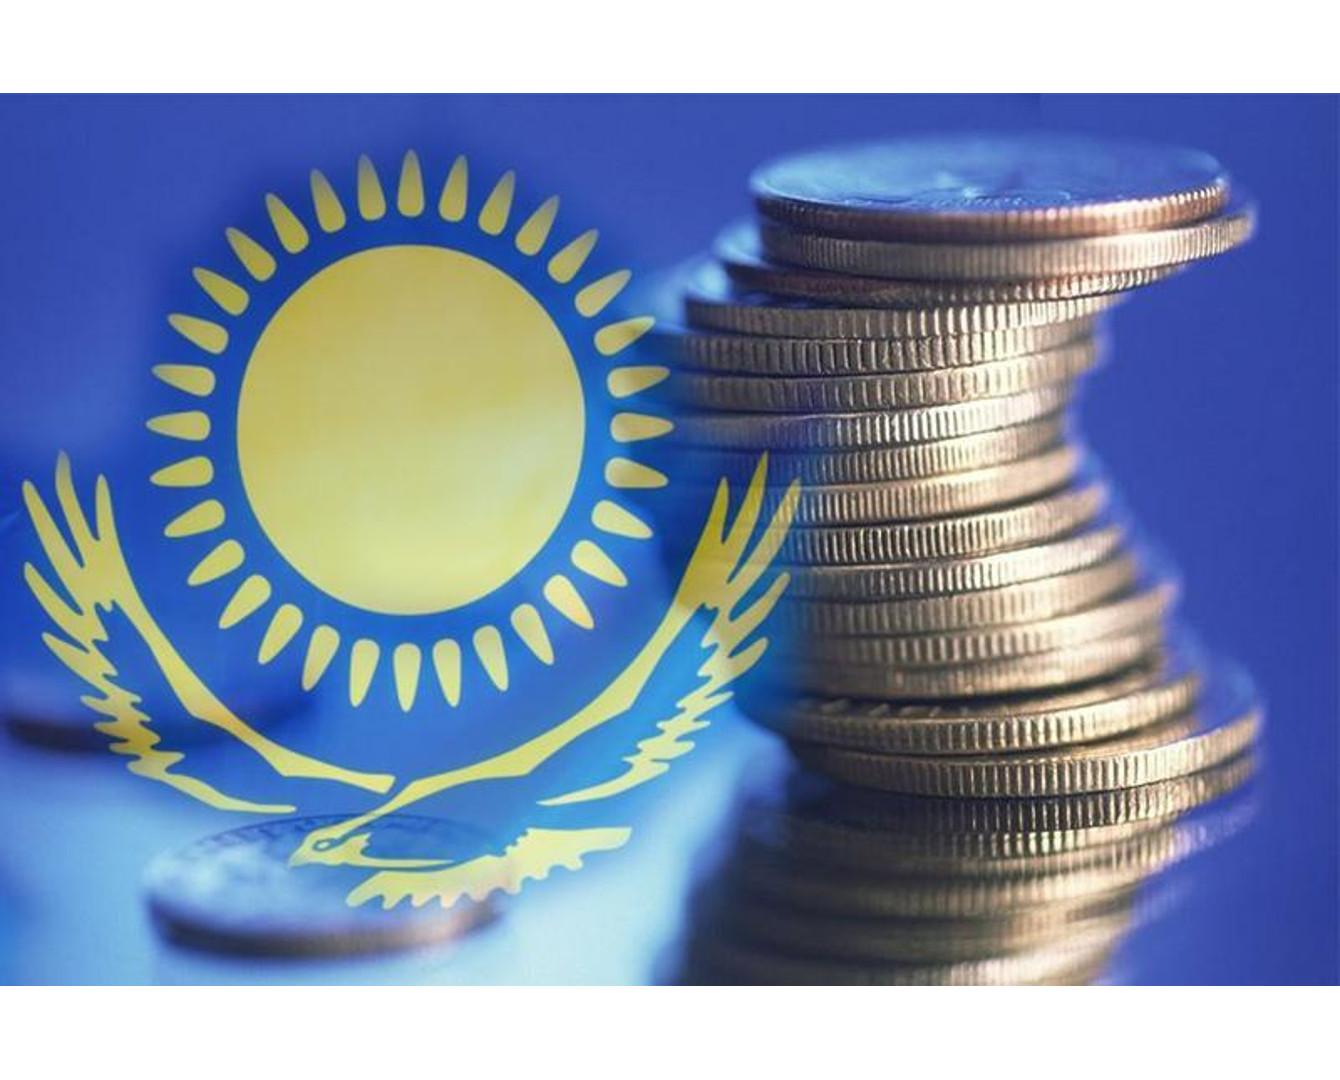 Рост ВВП за январь 2019 года составил 2,9% - Тимур Сулейменов